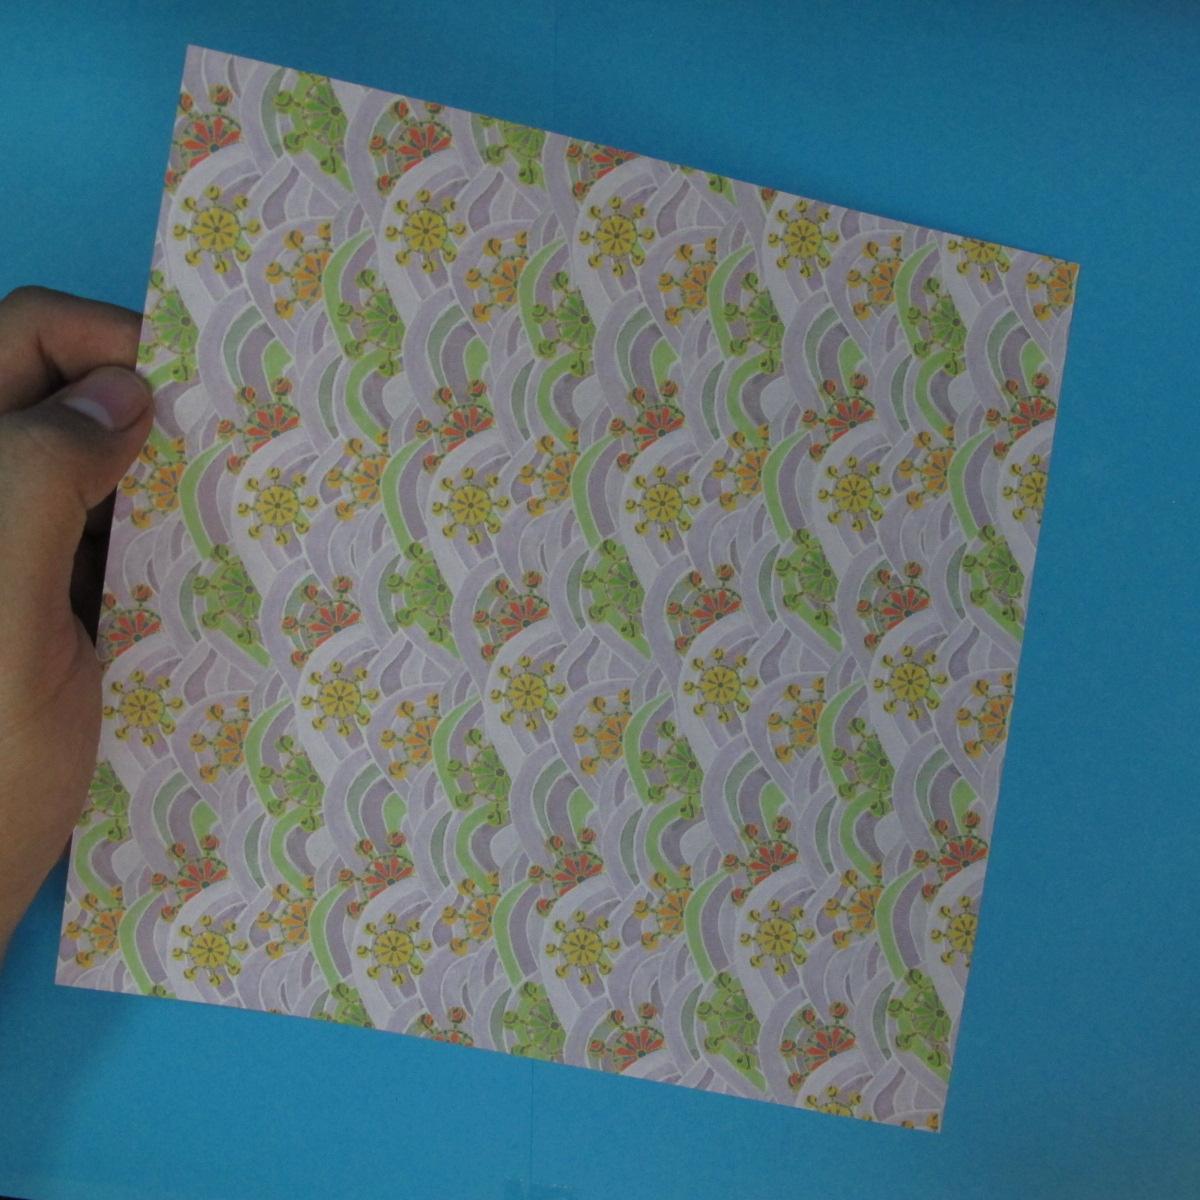 สอนวิธีพับกระดาษเป็นช้าง (แบบของ Fumiaki Kawahata) 001